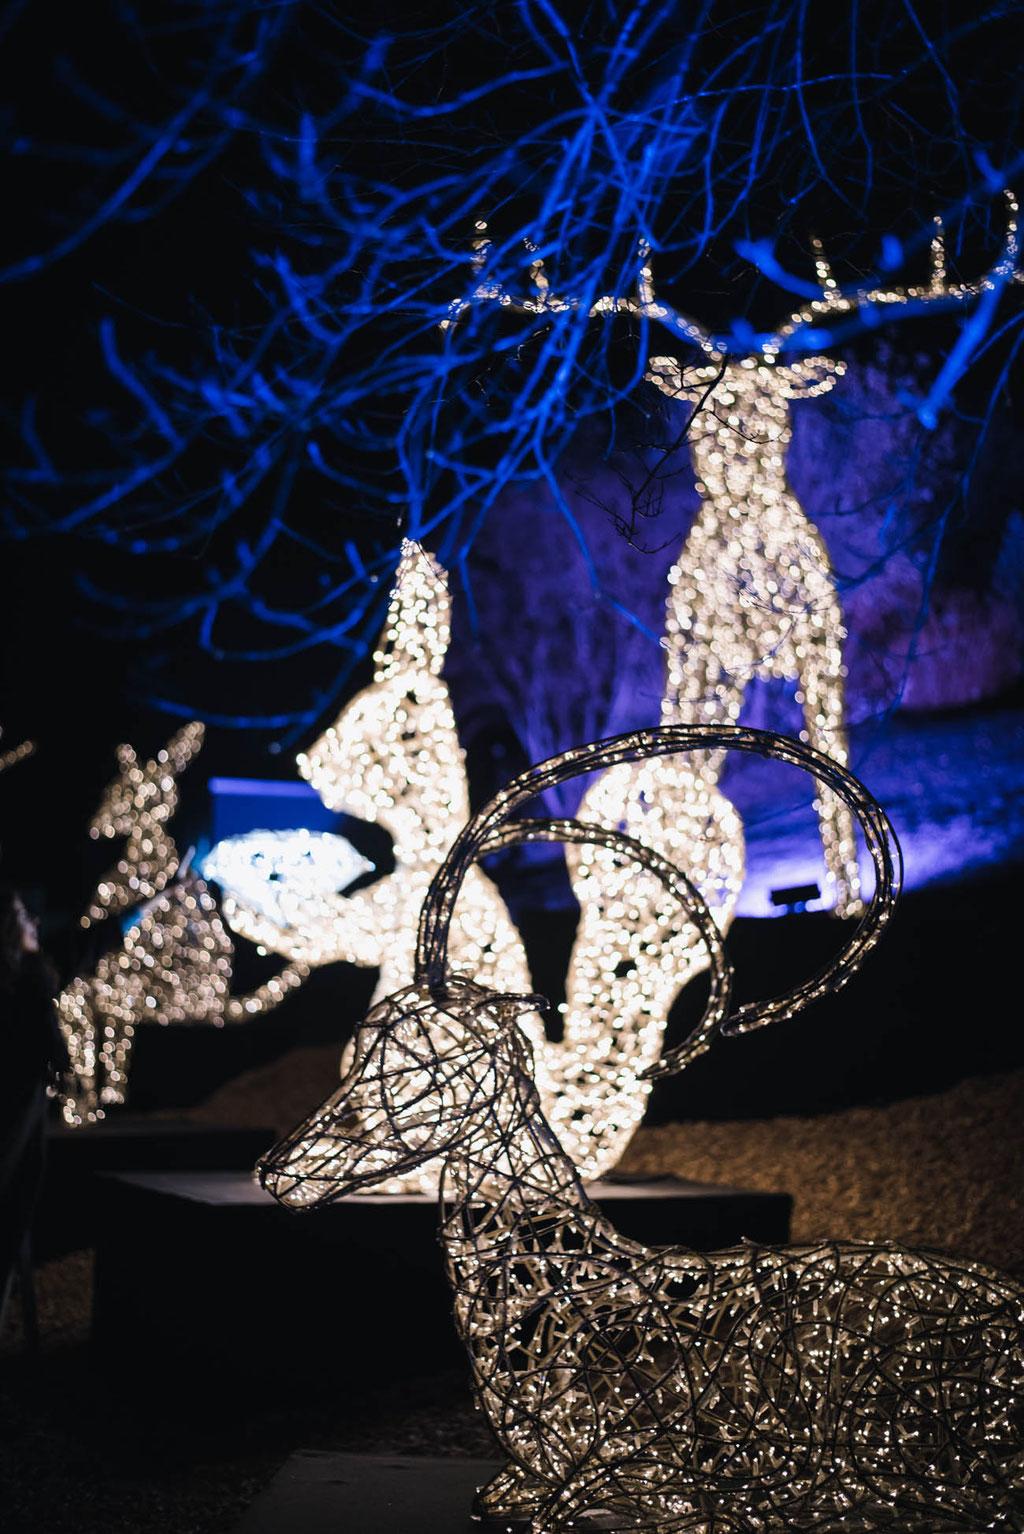 Lichtfestival 2019/20 - Swarovski Kristallwelten - das funkelndste Wintermärchen in den Alpen (Wattens, Tirol)